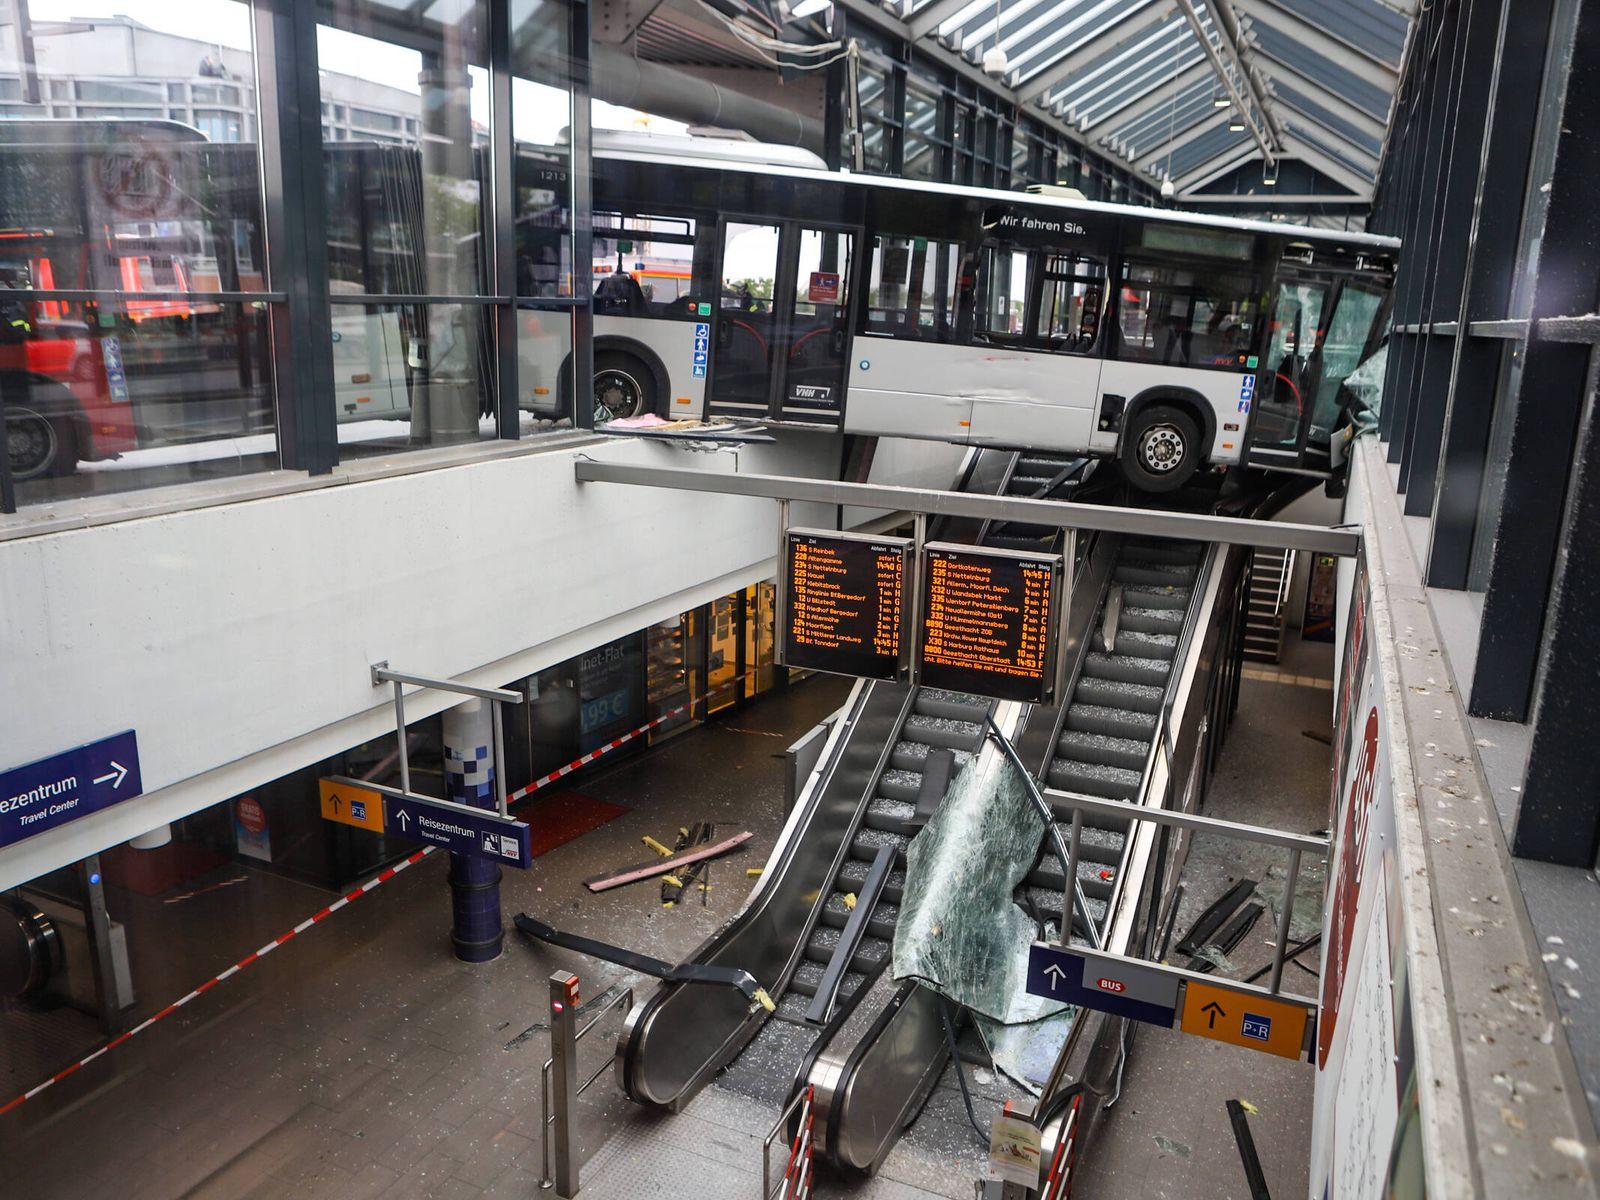 Linienbus rast durch Bahnhofsgebäude - Großeinsatz der Feuerwehr 13.05.20 - Hamburg: Gegen 13:59 Uhr raste ein Linienbu